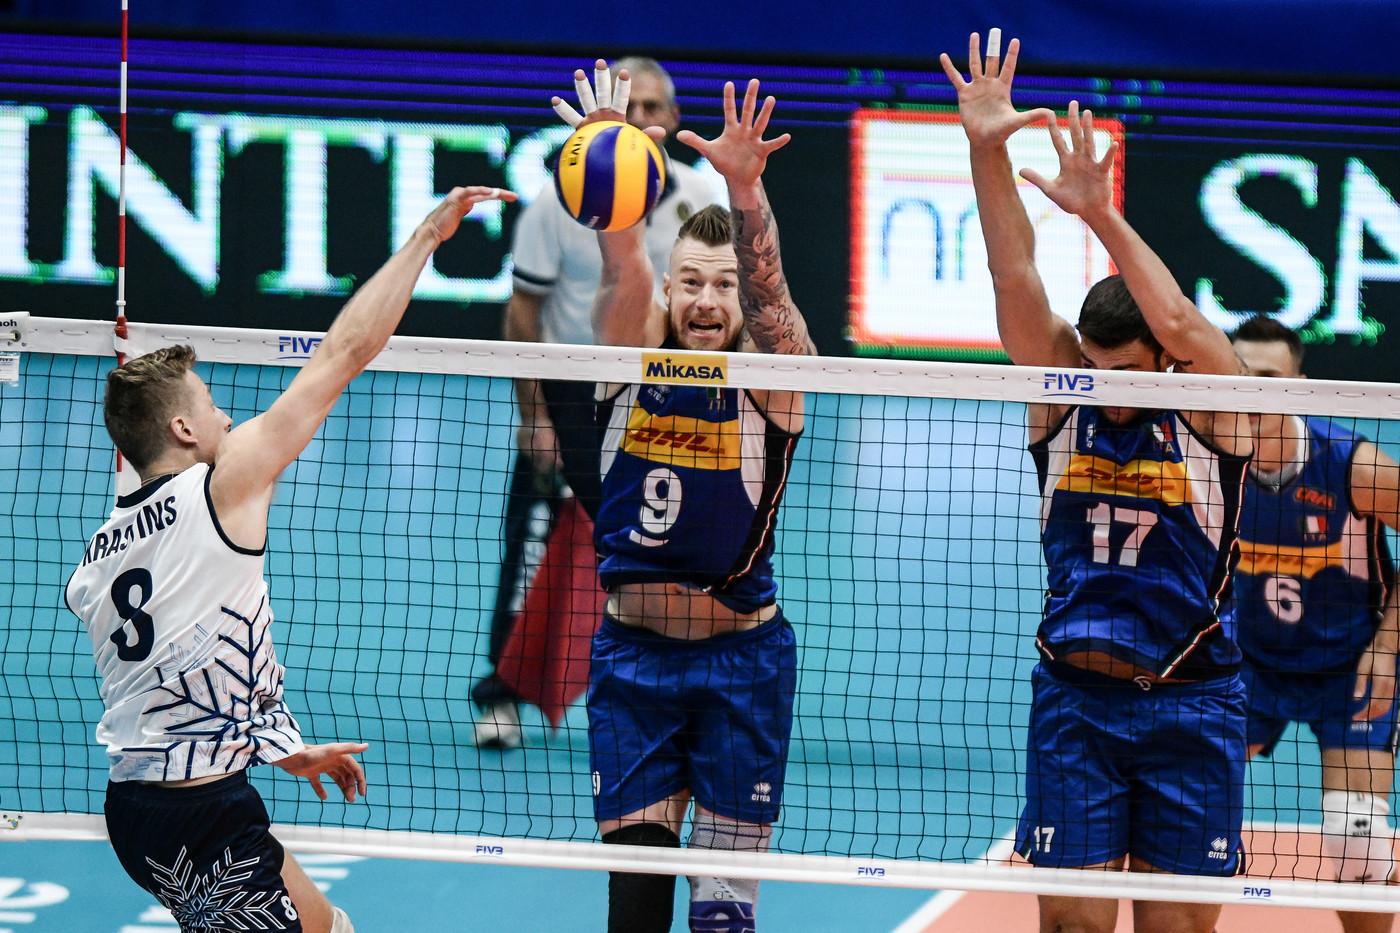 Volley, strapazzata la Finlandia (3-0). L'Italia inizia bene la seconda fase